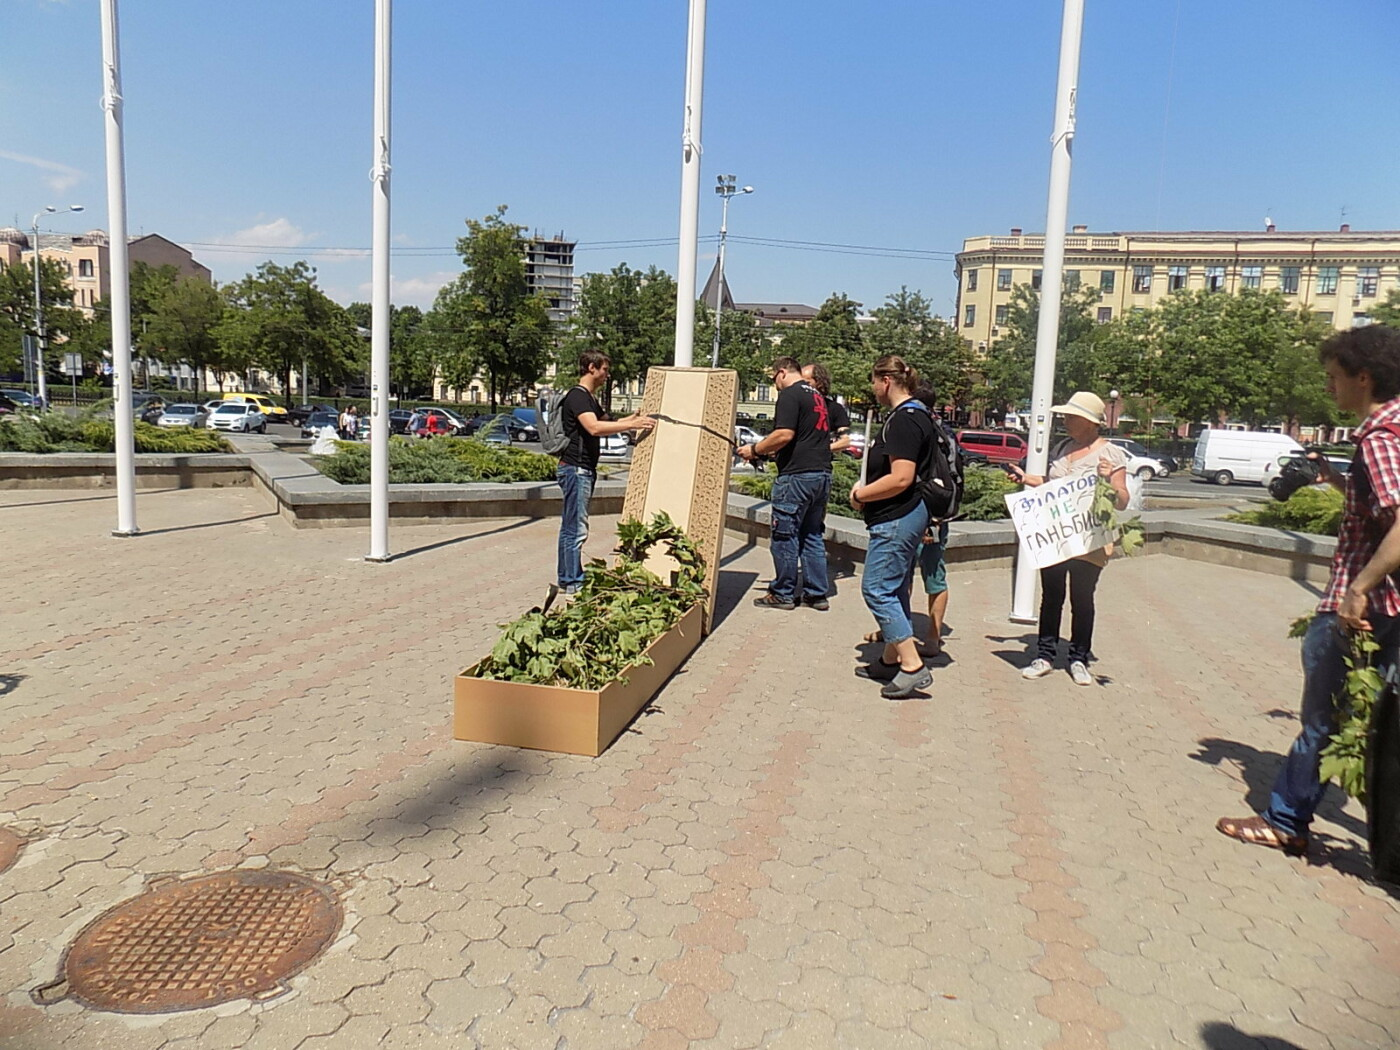 В Днепре провели «похороны» деревьев с Короленко: последние деревья срубили, пока город спал, - ФОТО, фото-18